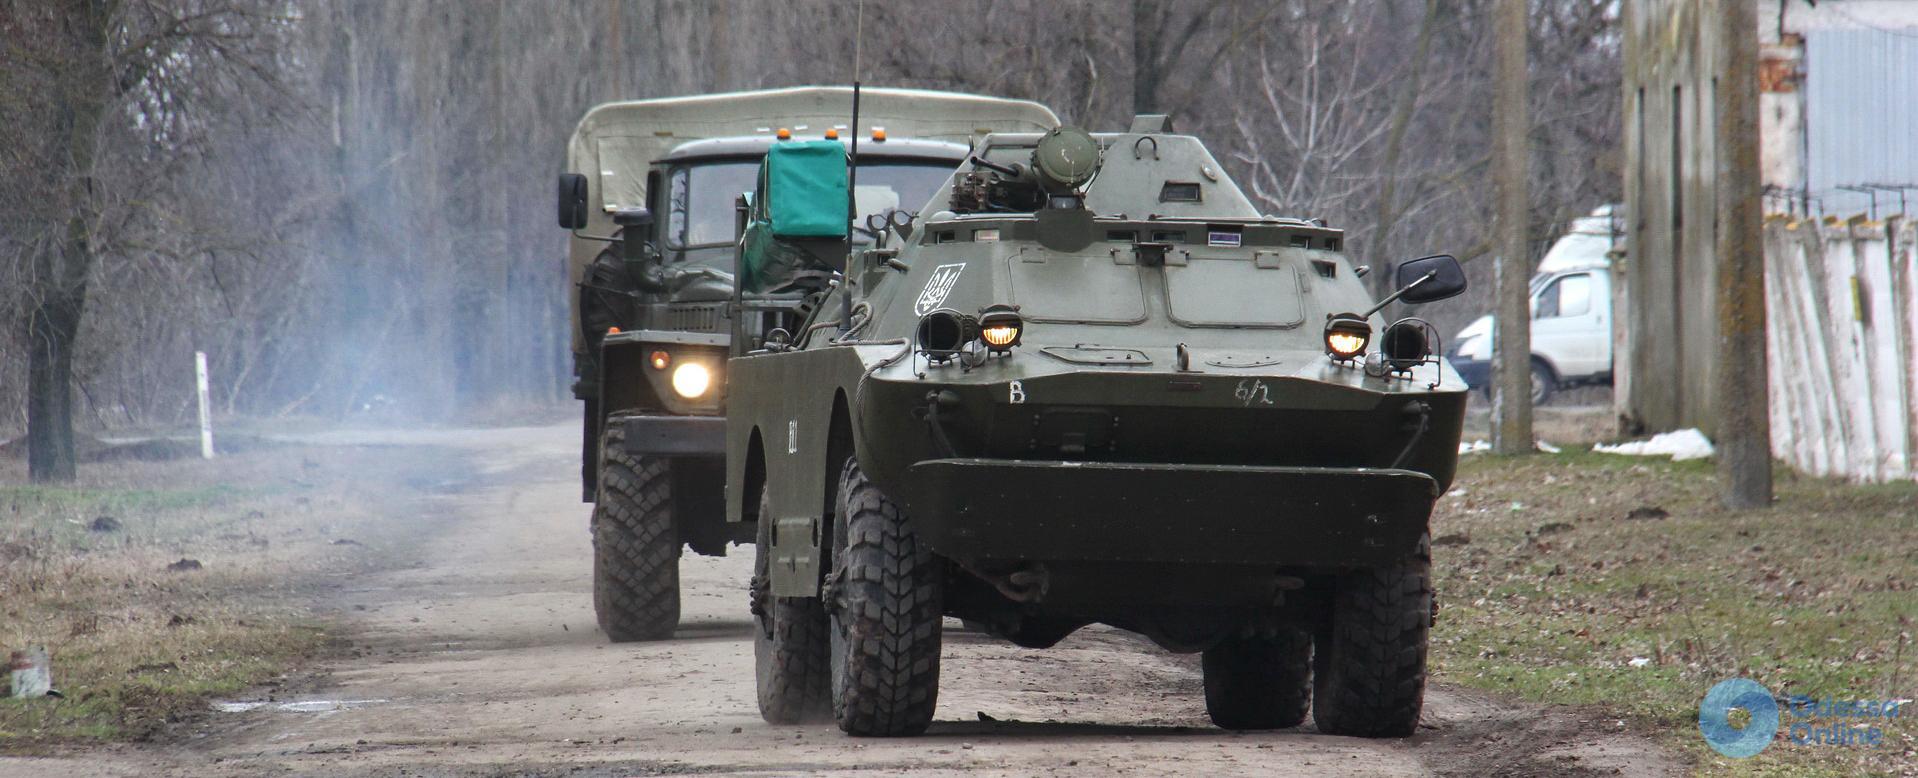 Одесская область: военные учились создавать противникам помехи